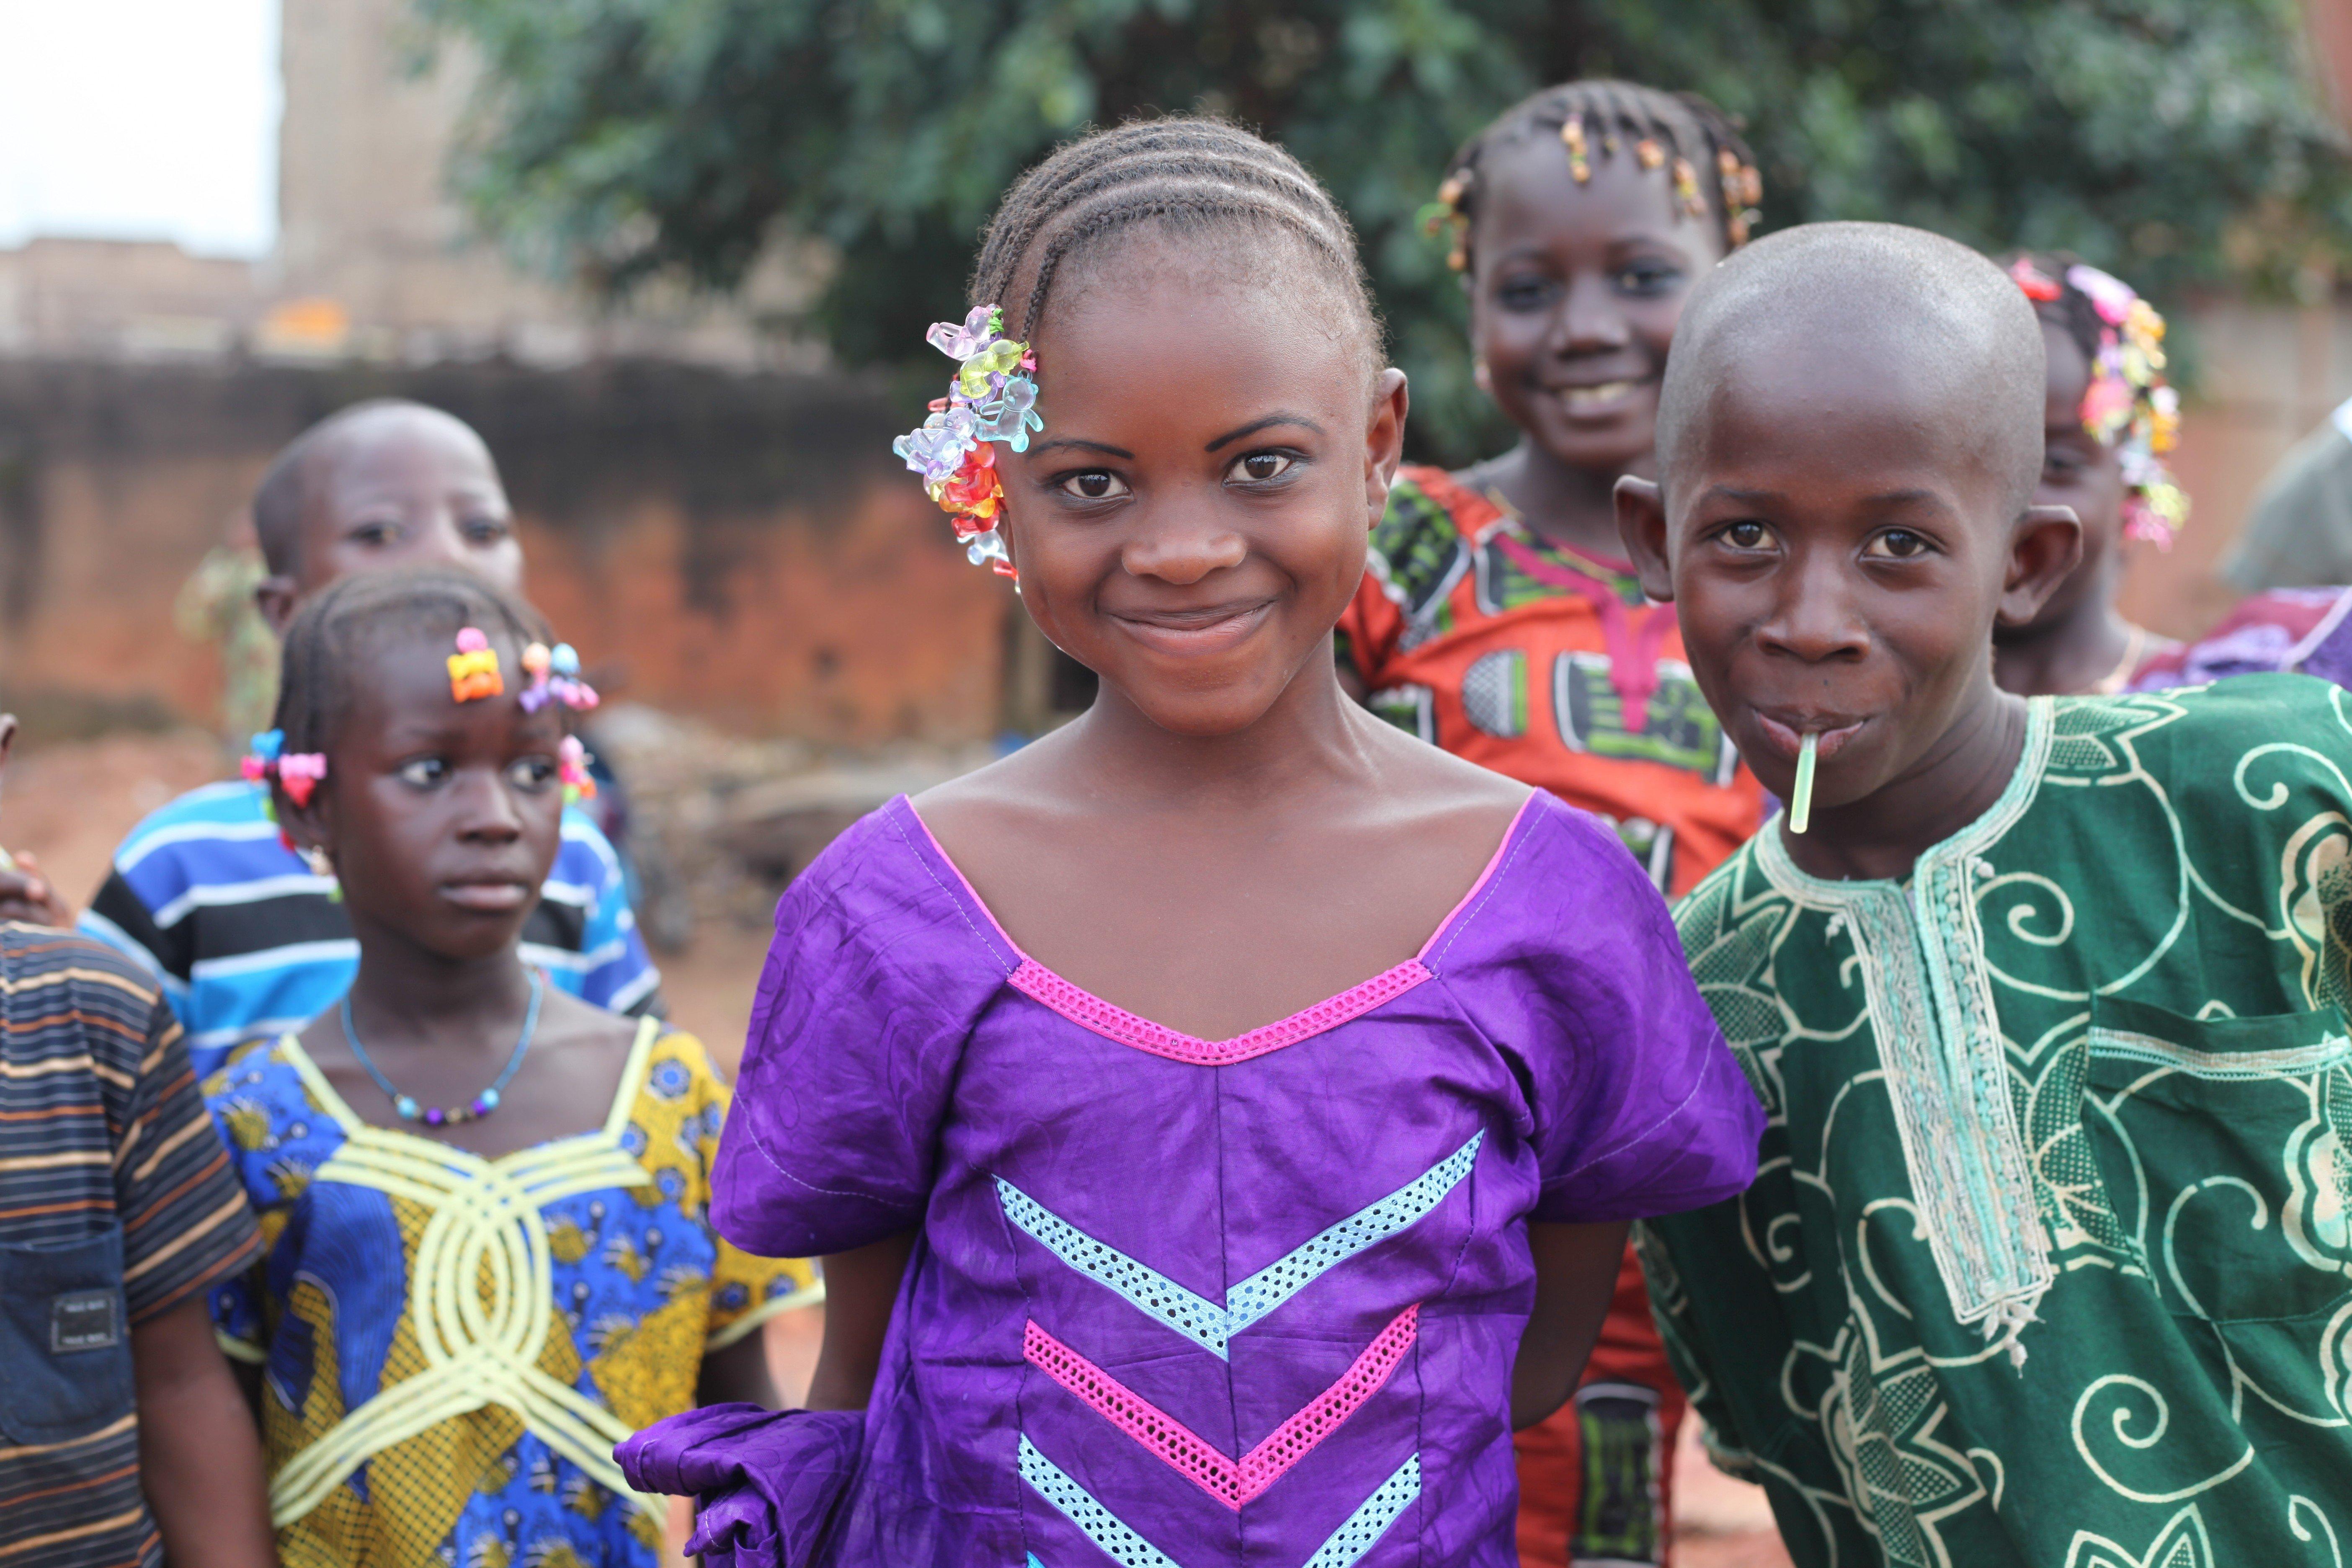 A Djenne au nord du Mali, des enfants maliens posent en souriant pour une